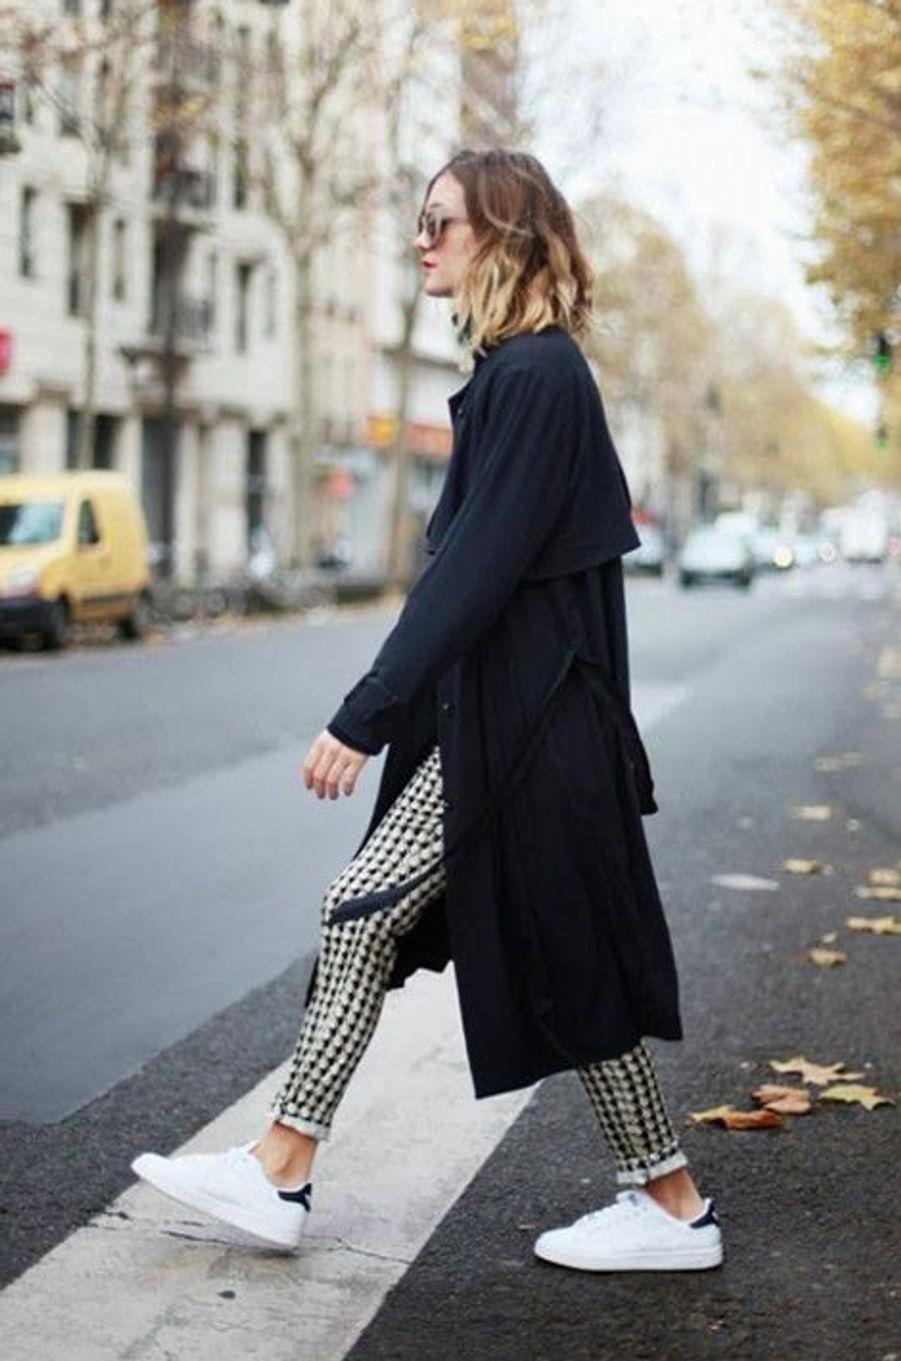 En toile souple et résistante, le trench-coat est le symbole du confort et de la légèreté. C'est un basique que vous pourrez garder dans votre dressing pendant des années. Choisissez-le dans une couleur sobre, pour pouvoir l'assortir avec plusieurs tenues différentes.